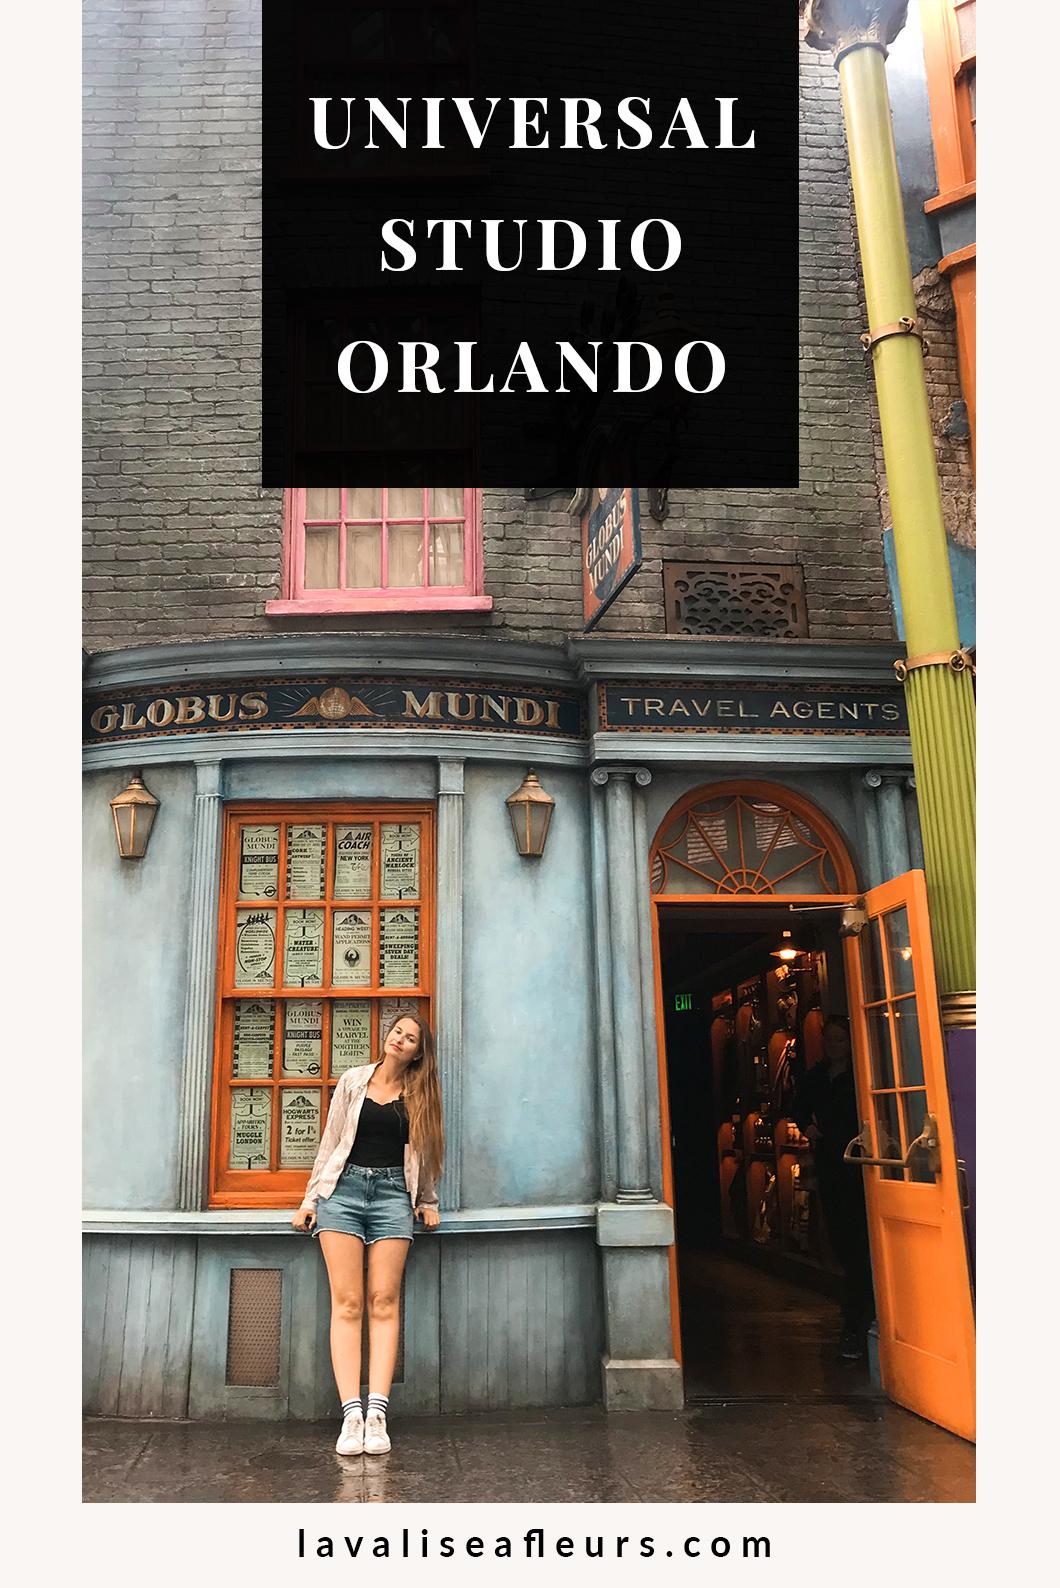 Une journée à Universal Studio Orlando